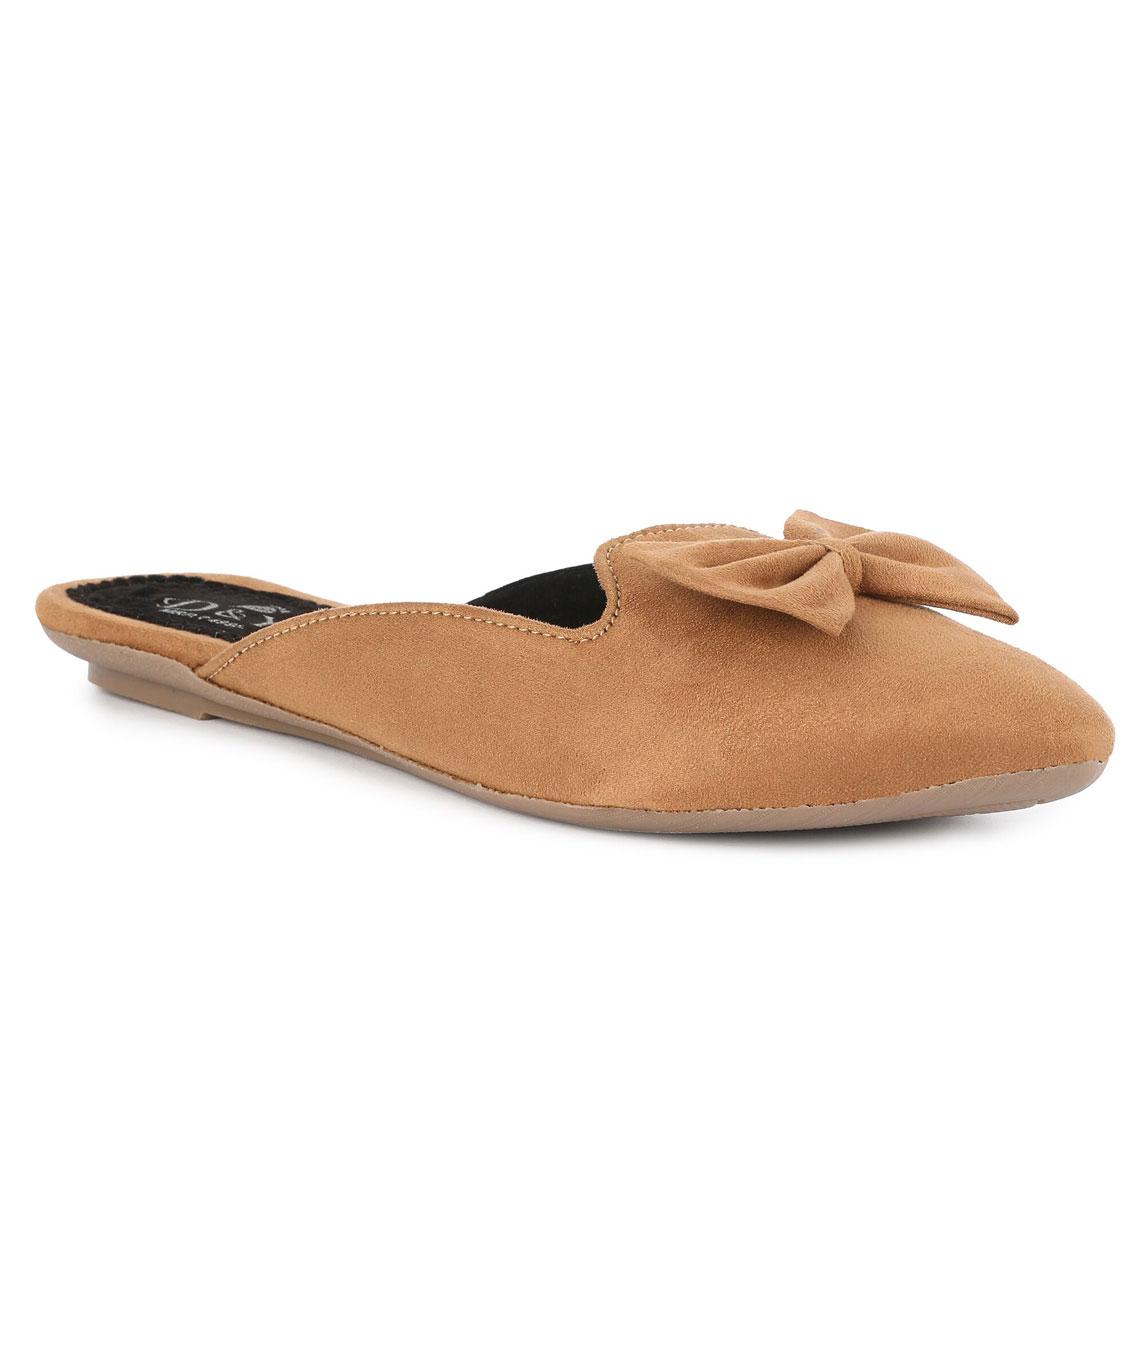 Sindhi Footwear Women`s Beige Rexin Casual Ballerinas